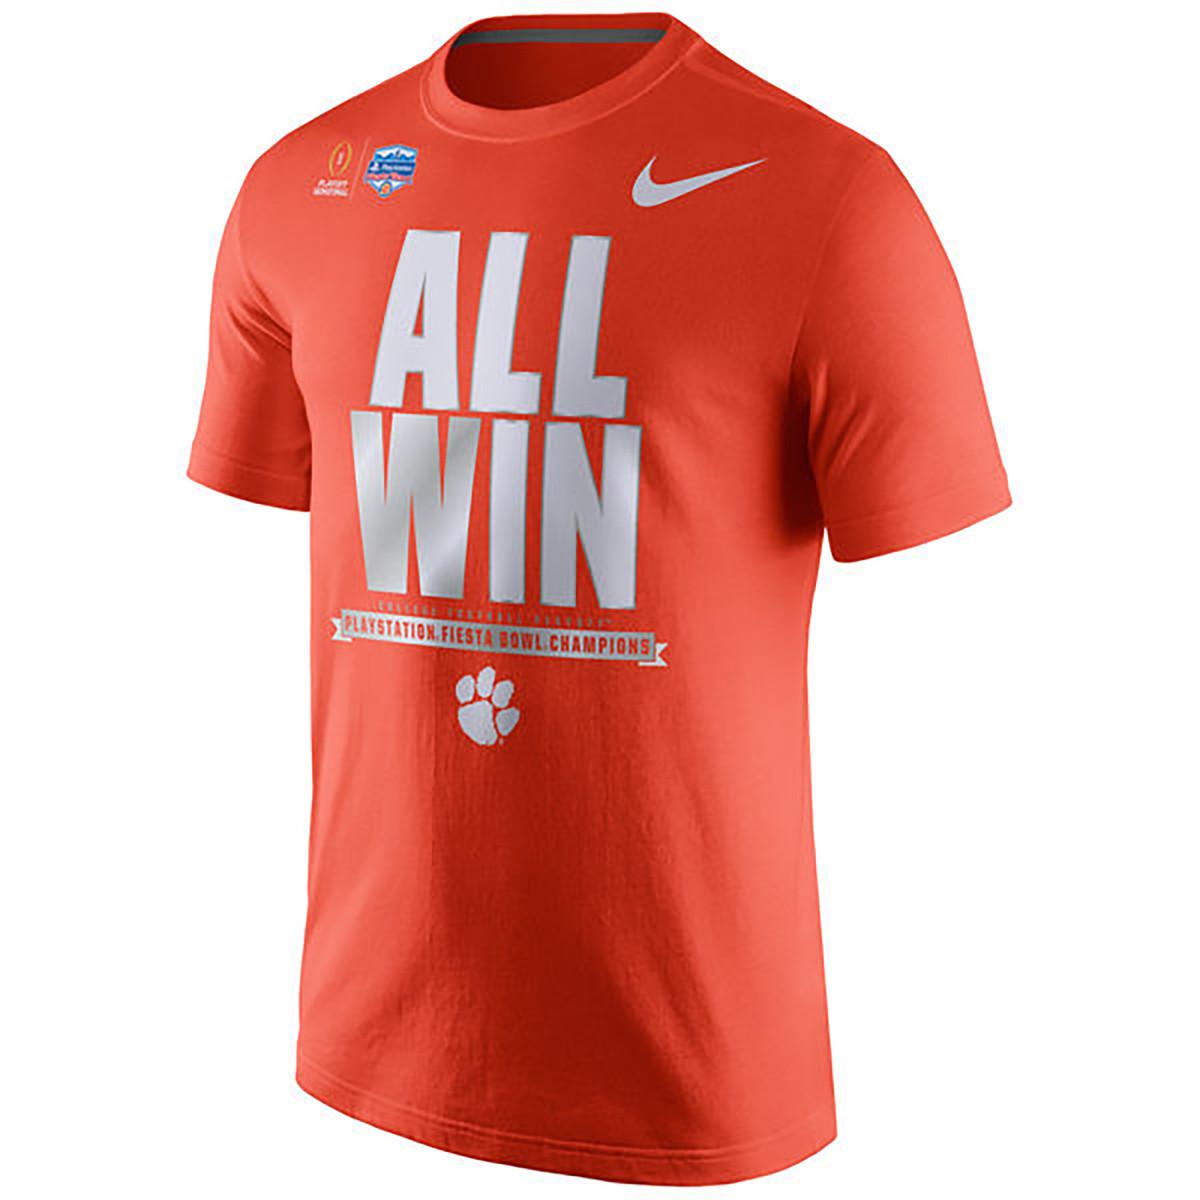 all-win-clemson-shirt.jpg